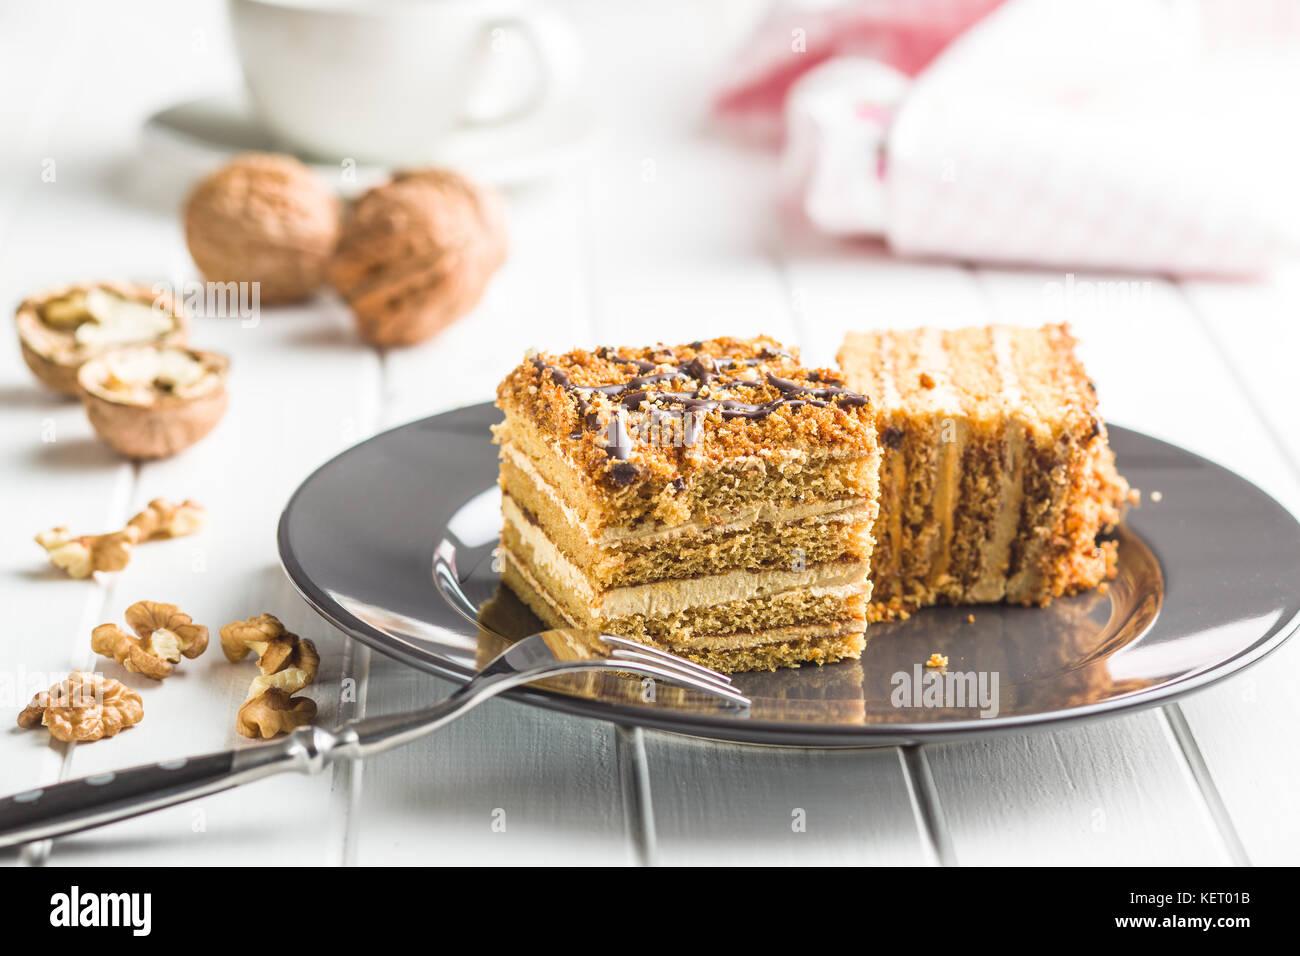 Gâteau aux noix et miel sur la plaque. Photo Stock